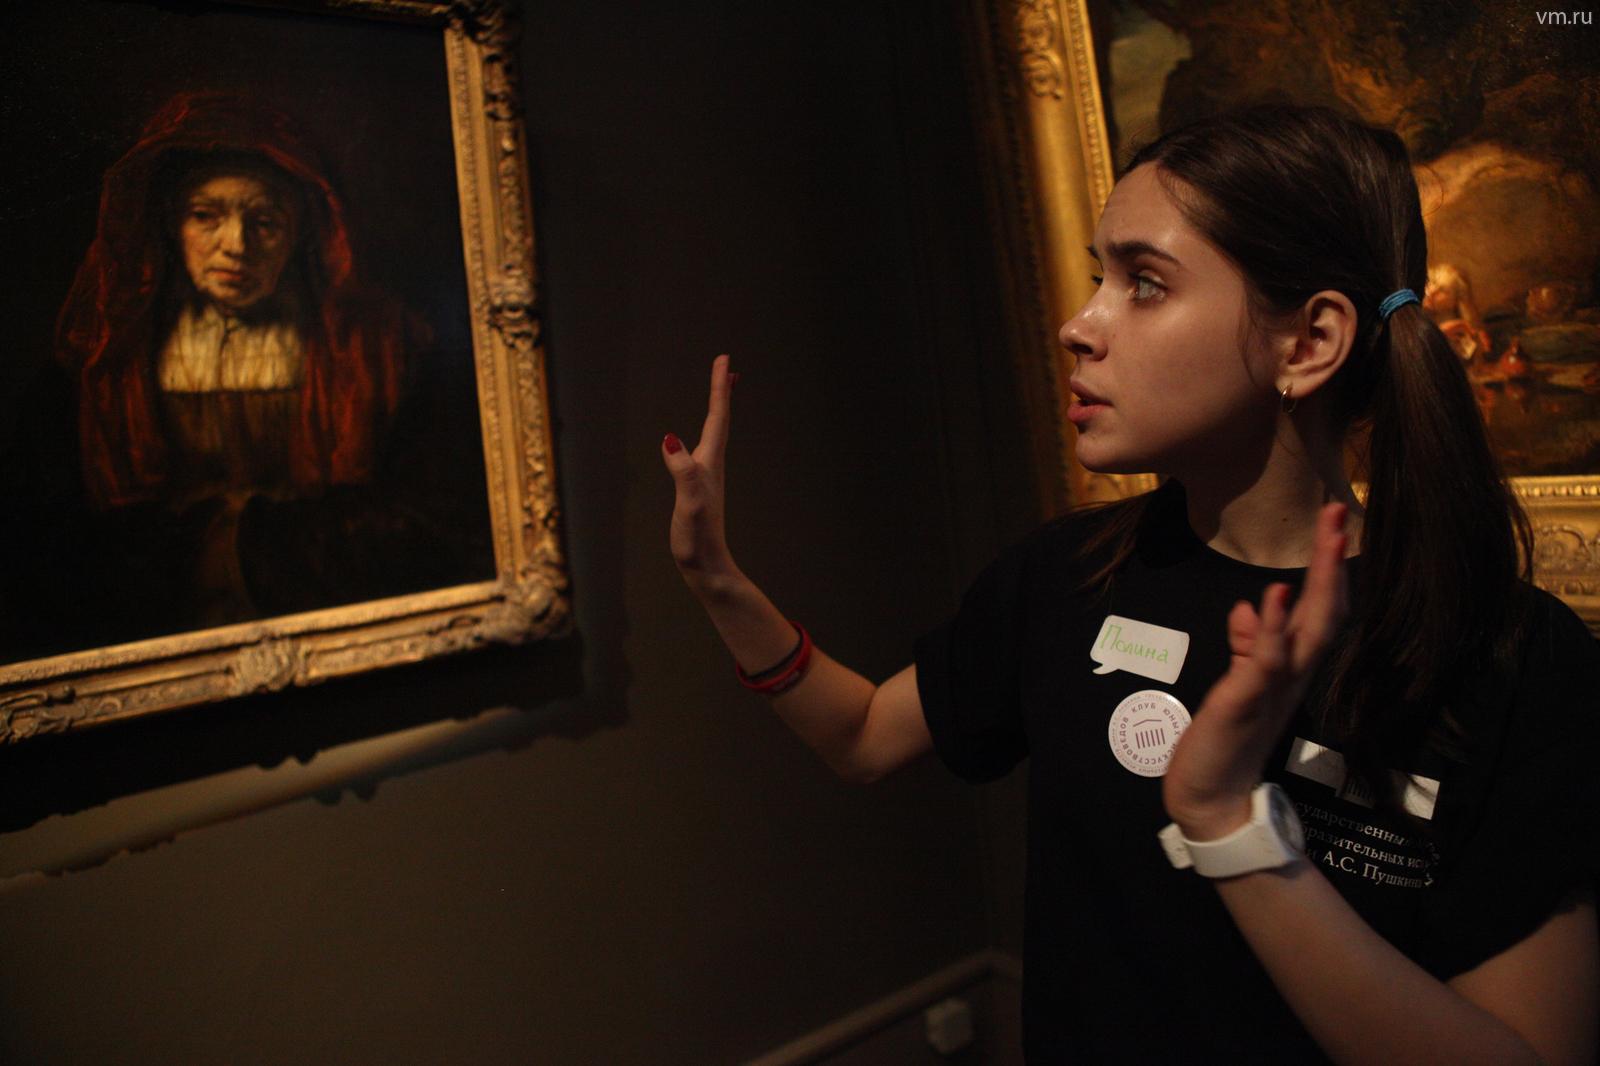 После обменных проектов Пушкинский музей больше не будет выдавать некоторые свои произведения на выездные экспозиции